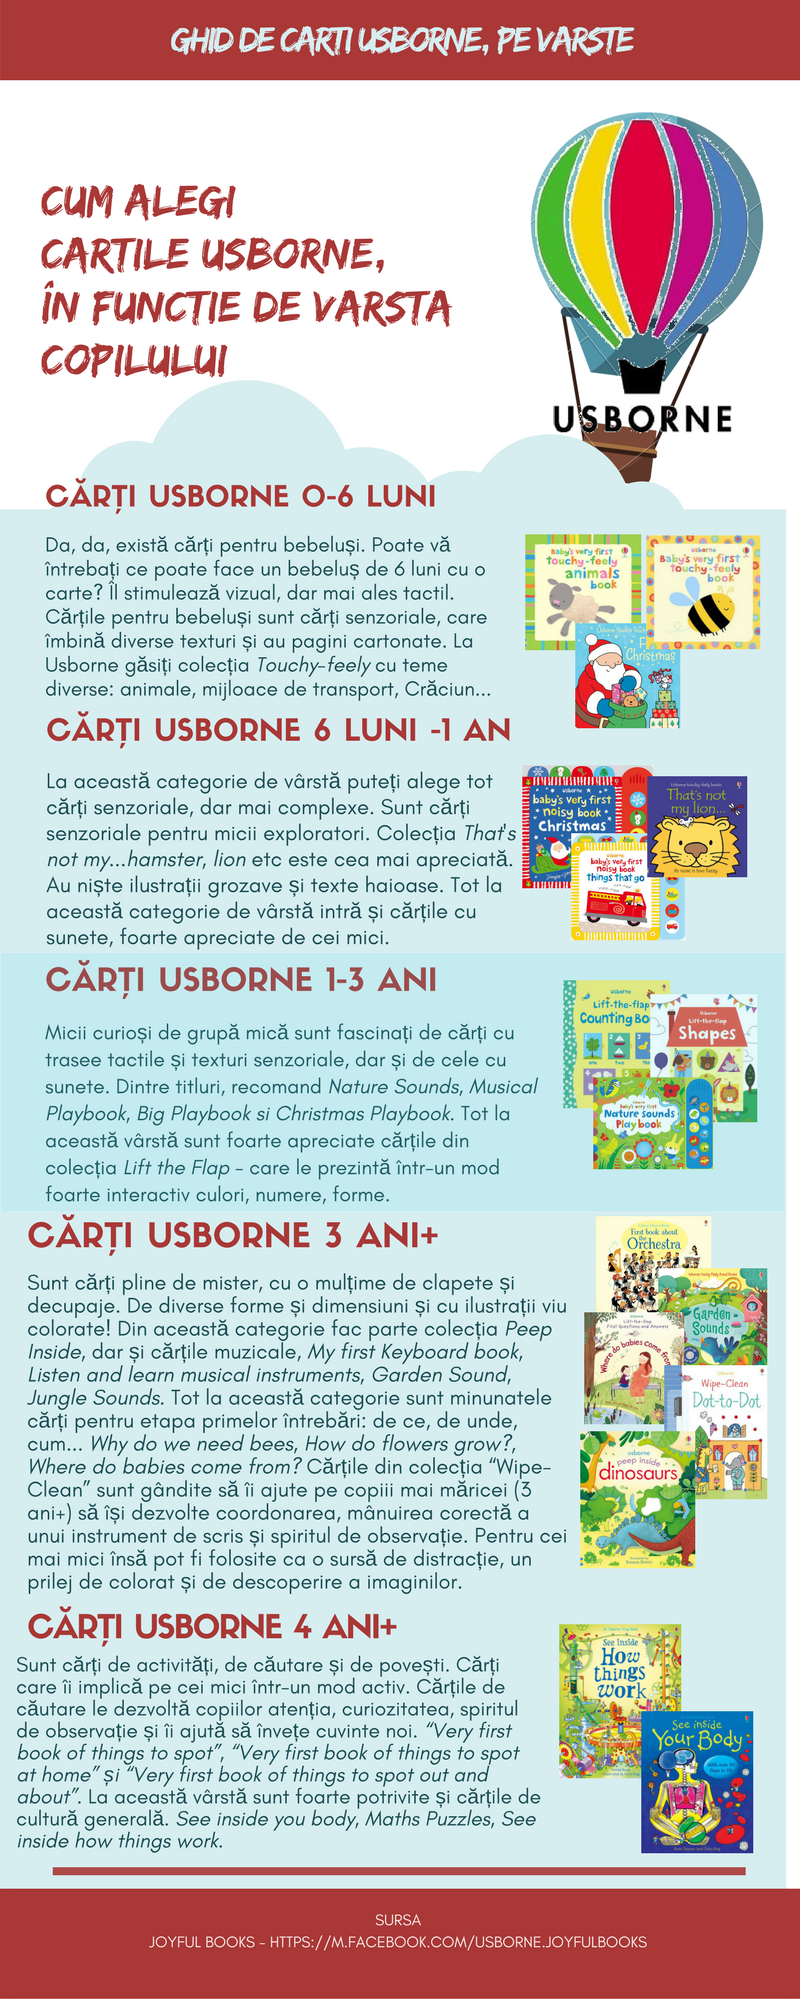 Ghid de cArTi Usborne, Ghid de cărți Usborne pe vârste